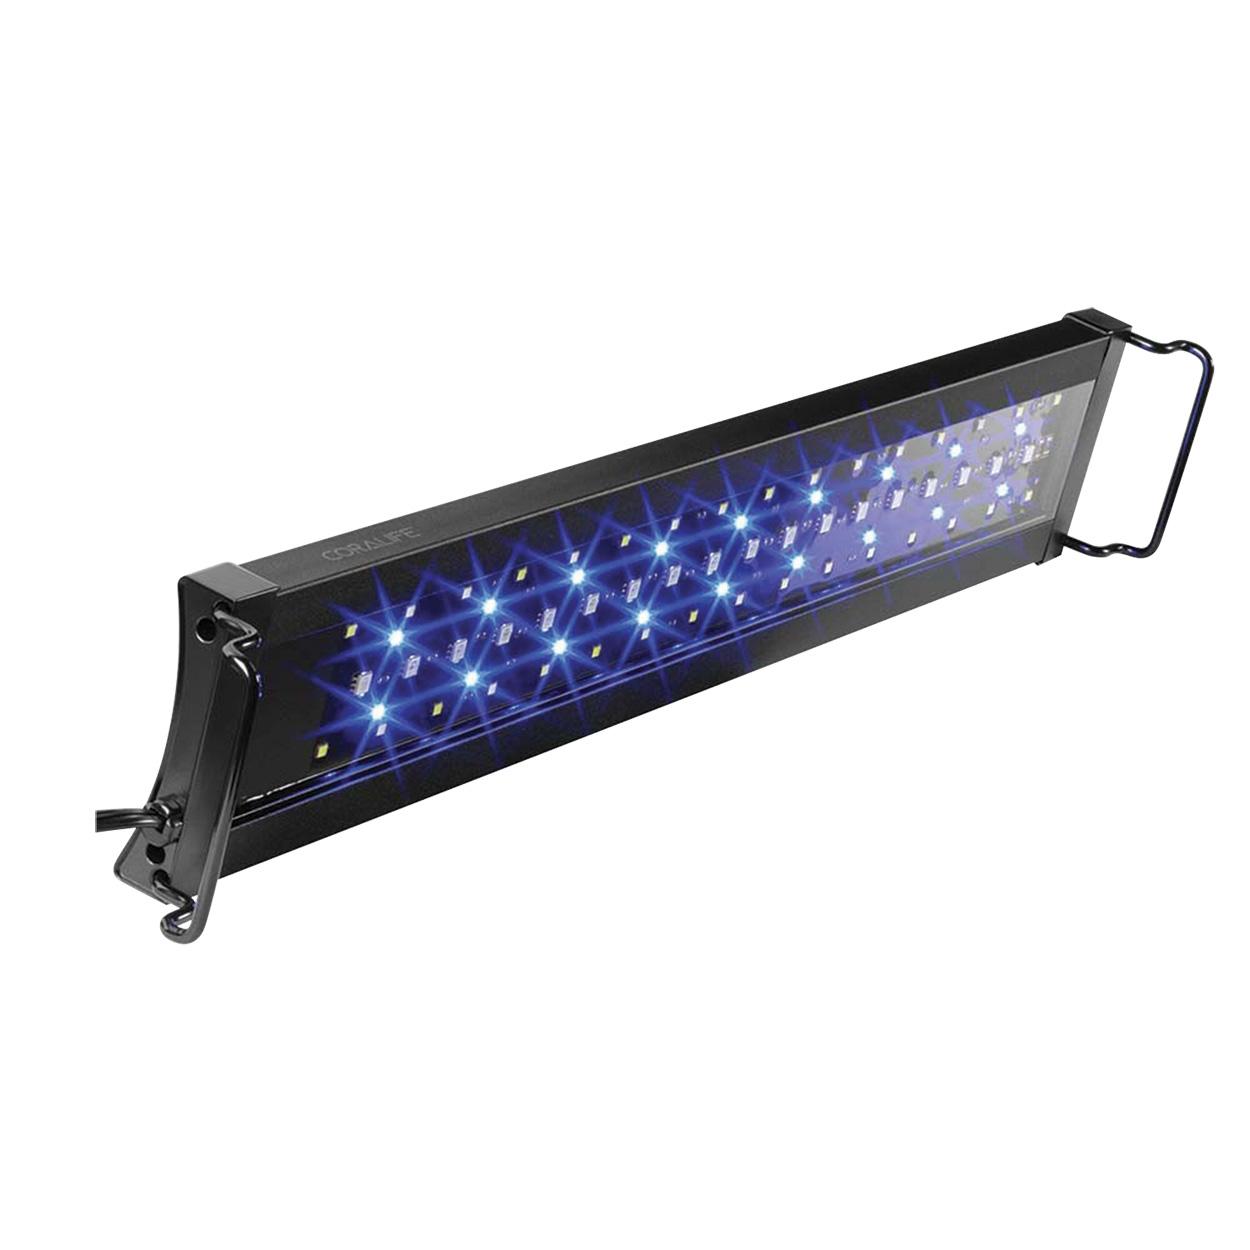 """Coralife Aqualight - S LED Aquarium Light Fixture - 30"""" - 36"""" 13760"""